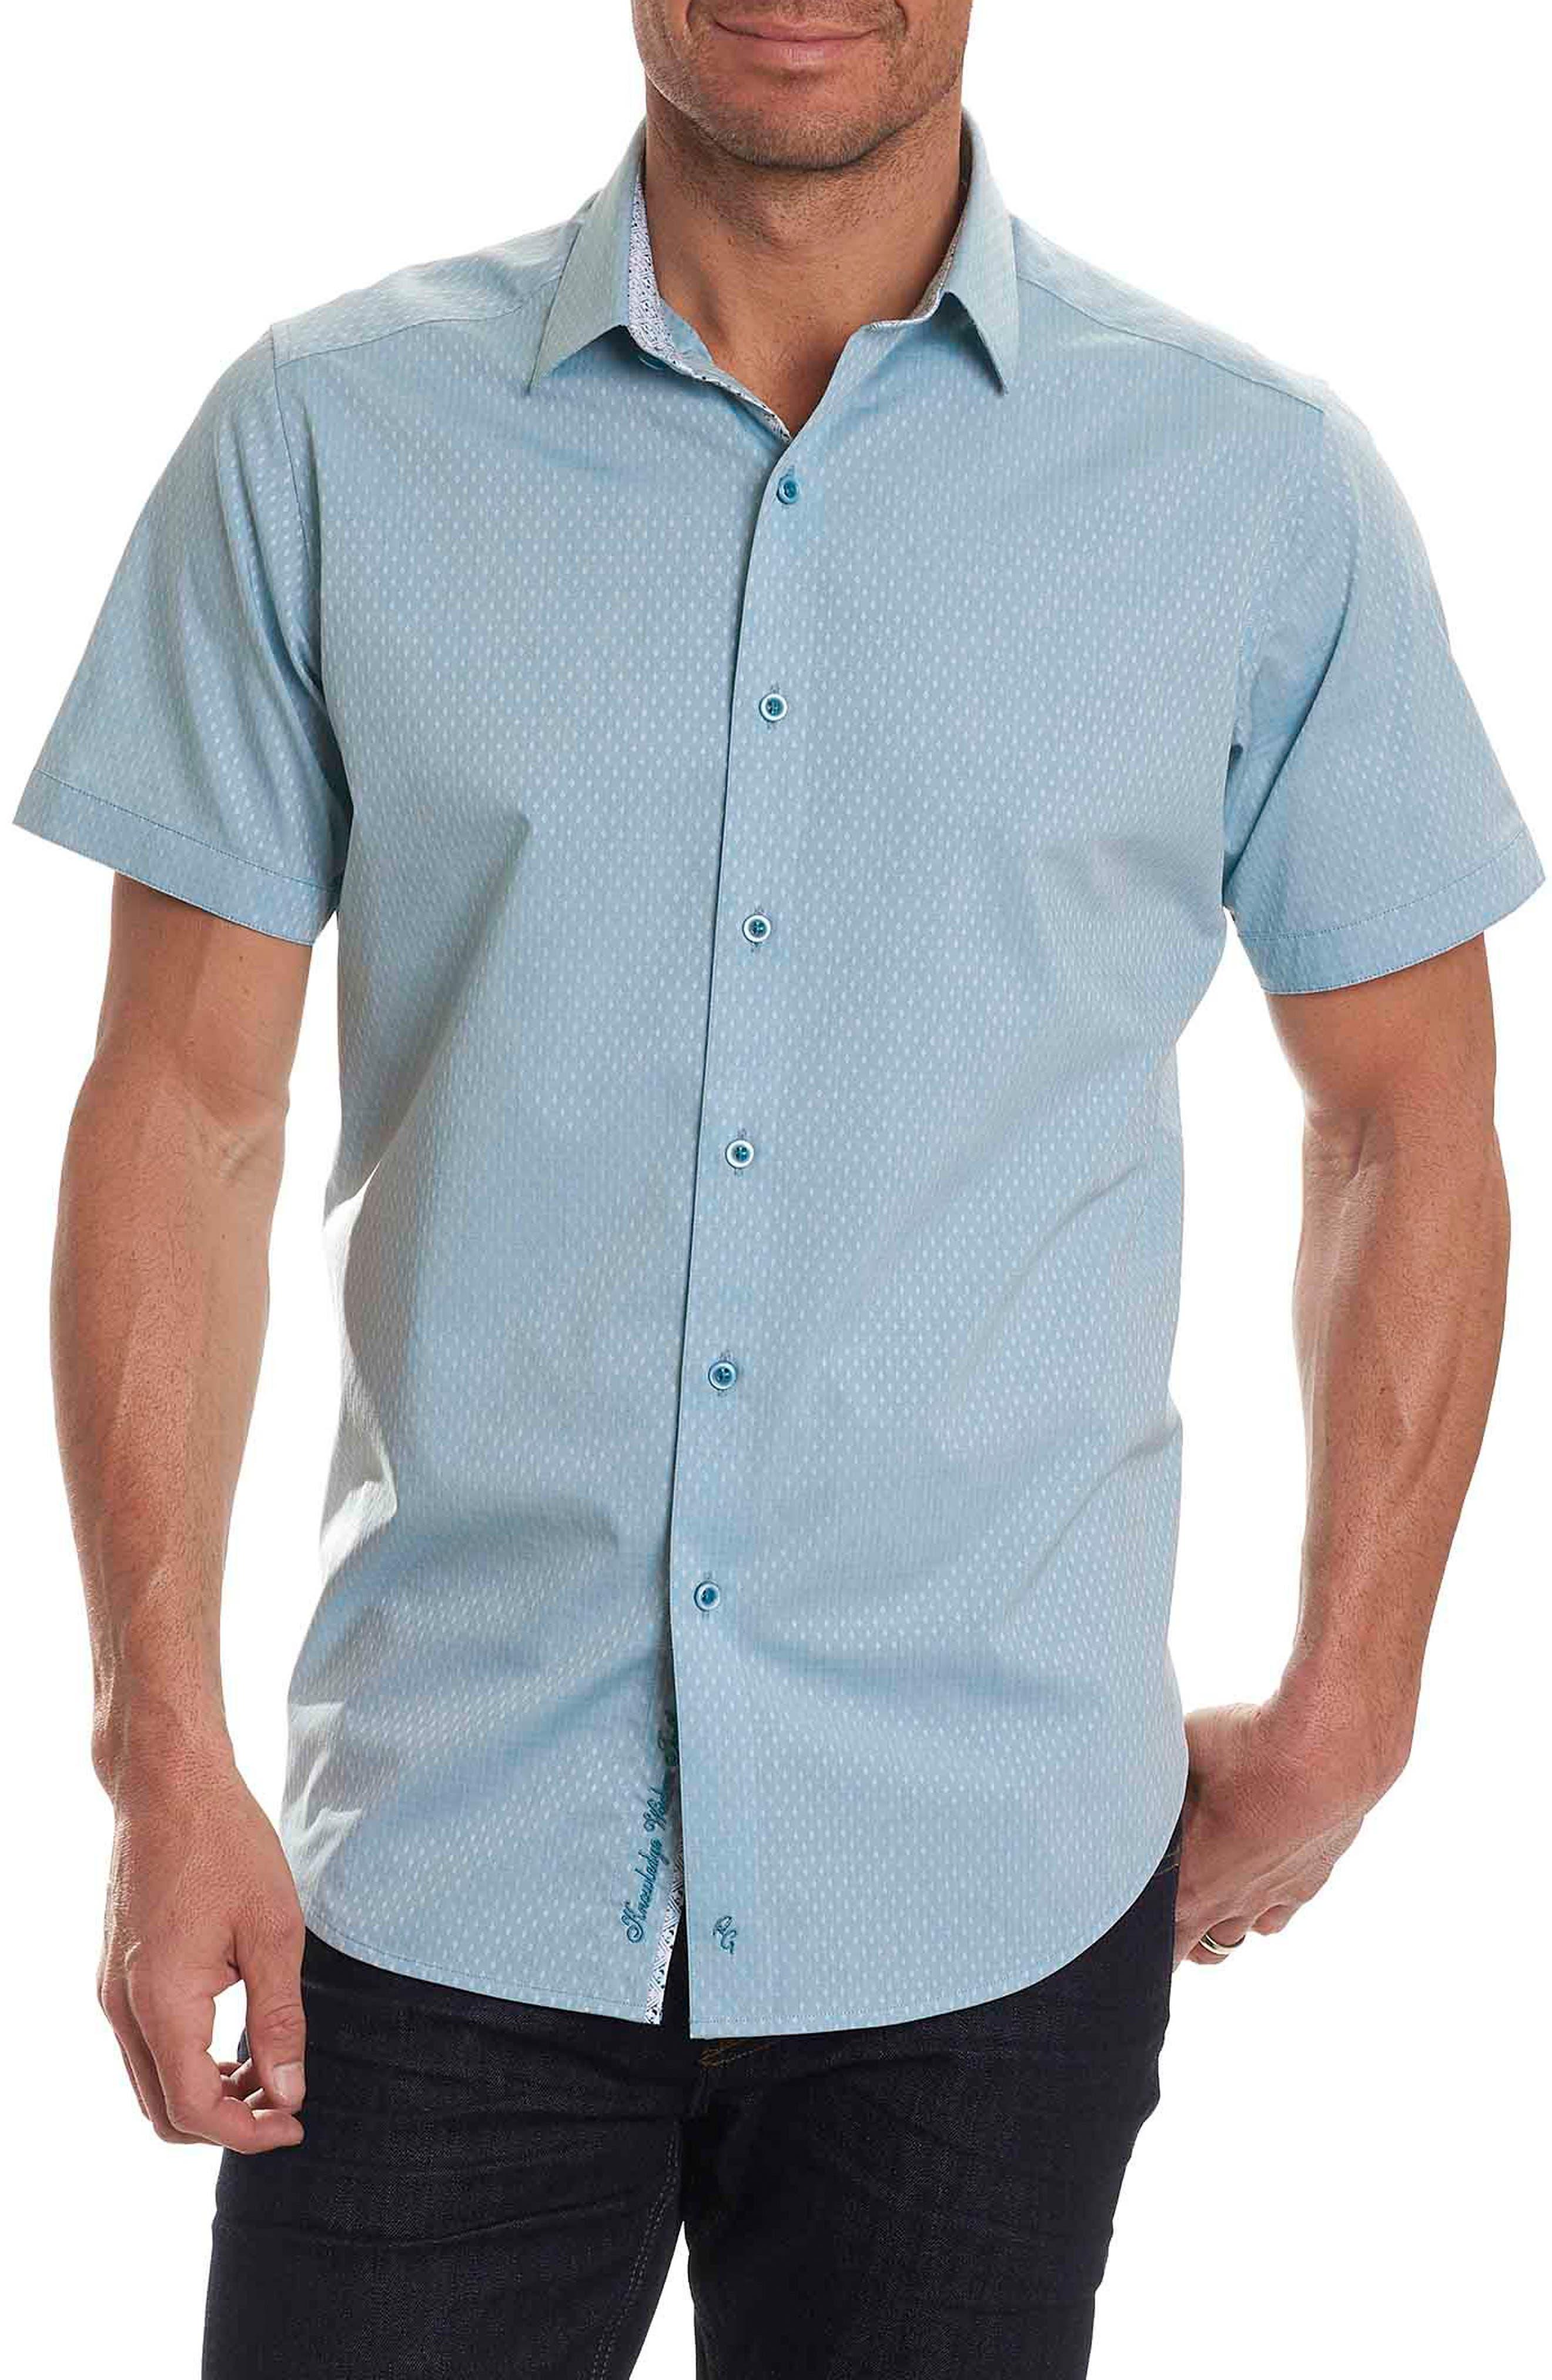 ROBERT GRAHAM Clemens Short Sleeve Sport Shirt